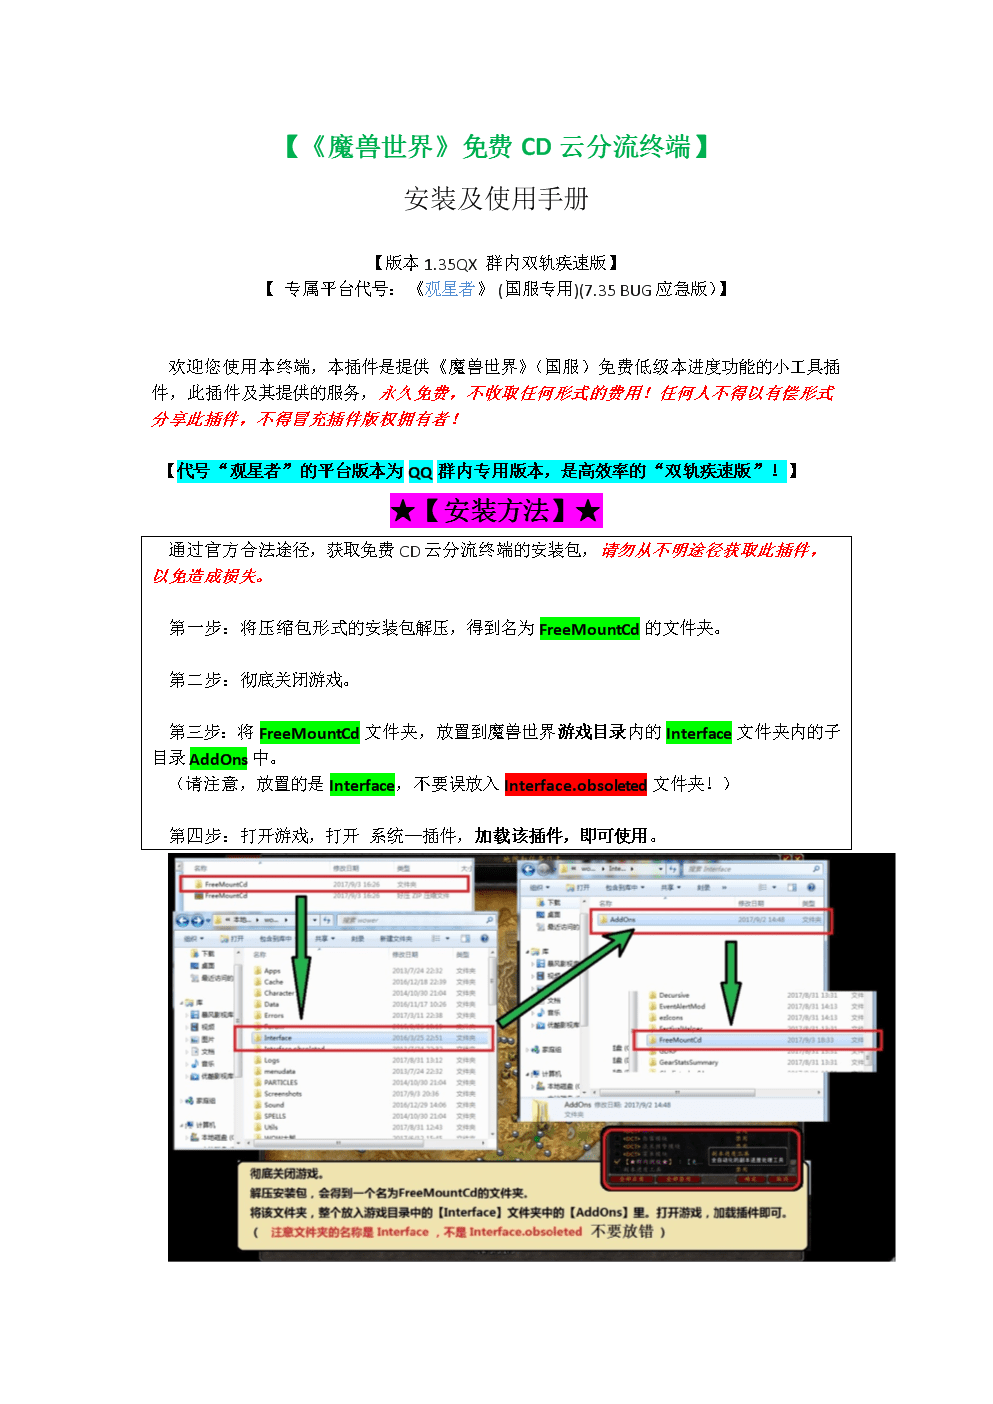 魔兽世界 免费CD云分流终端安装及使用手册.docx